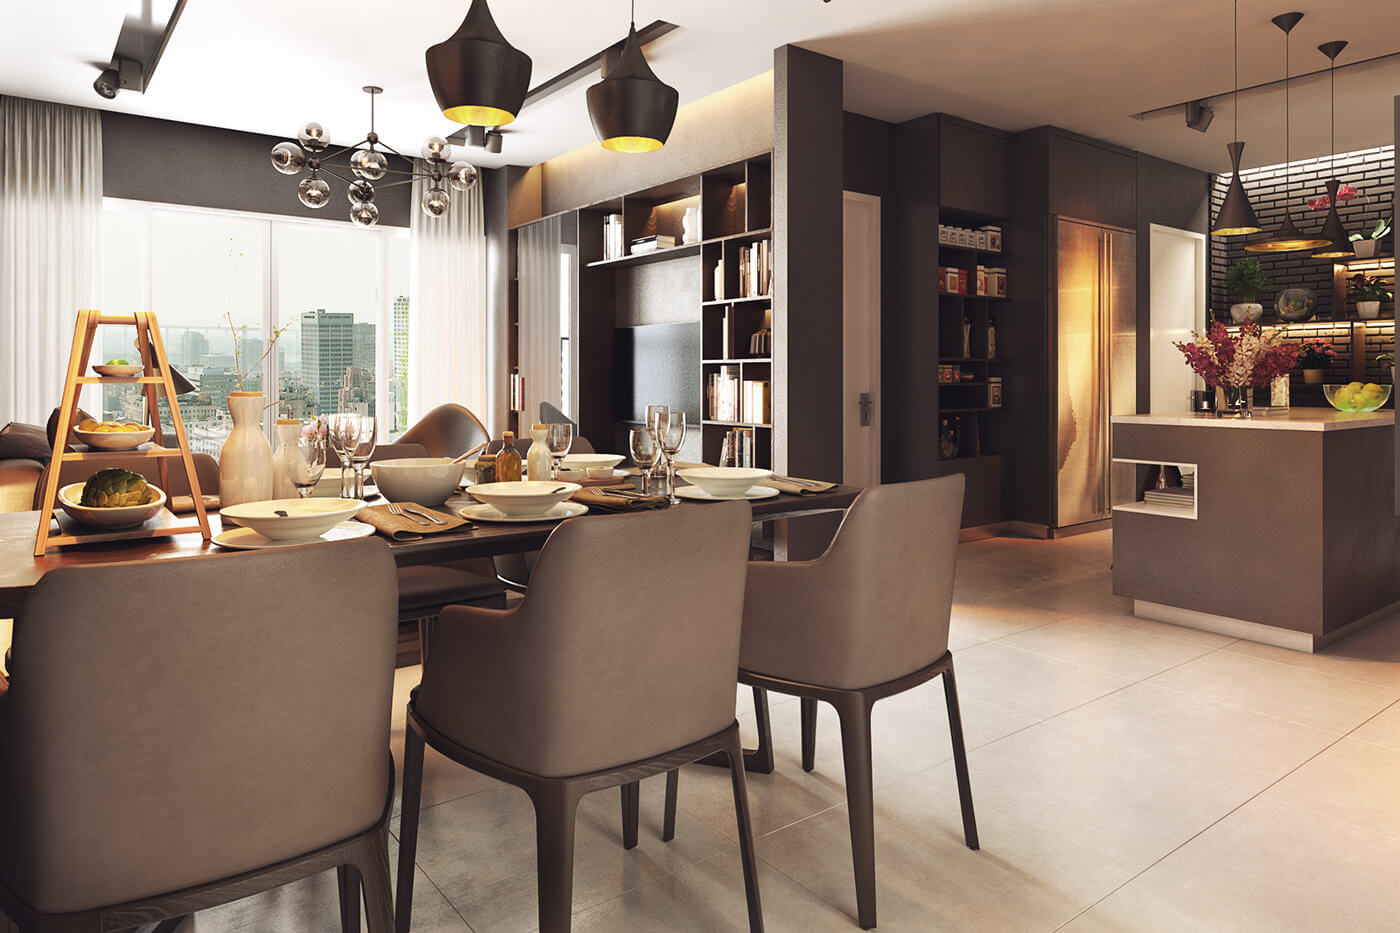 prostoren-apartament-s-eleganten-interior-v-neutralni-tsvetove-2g